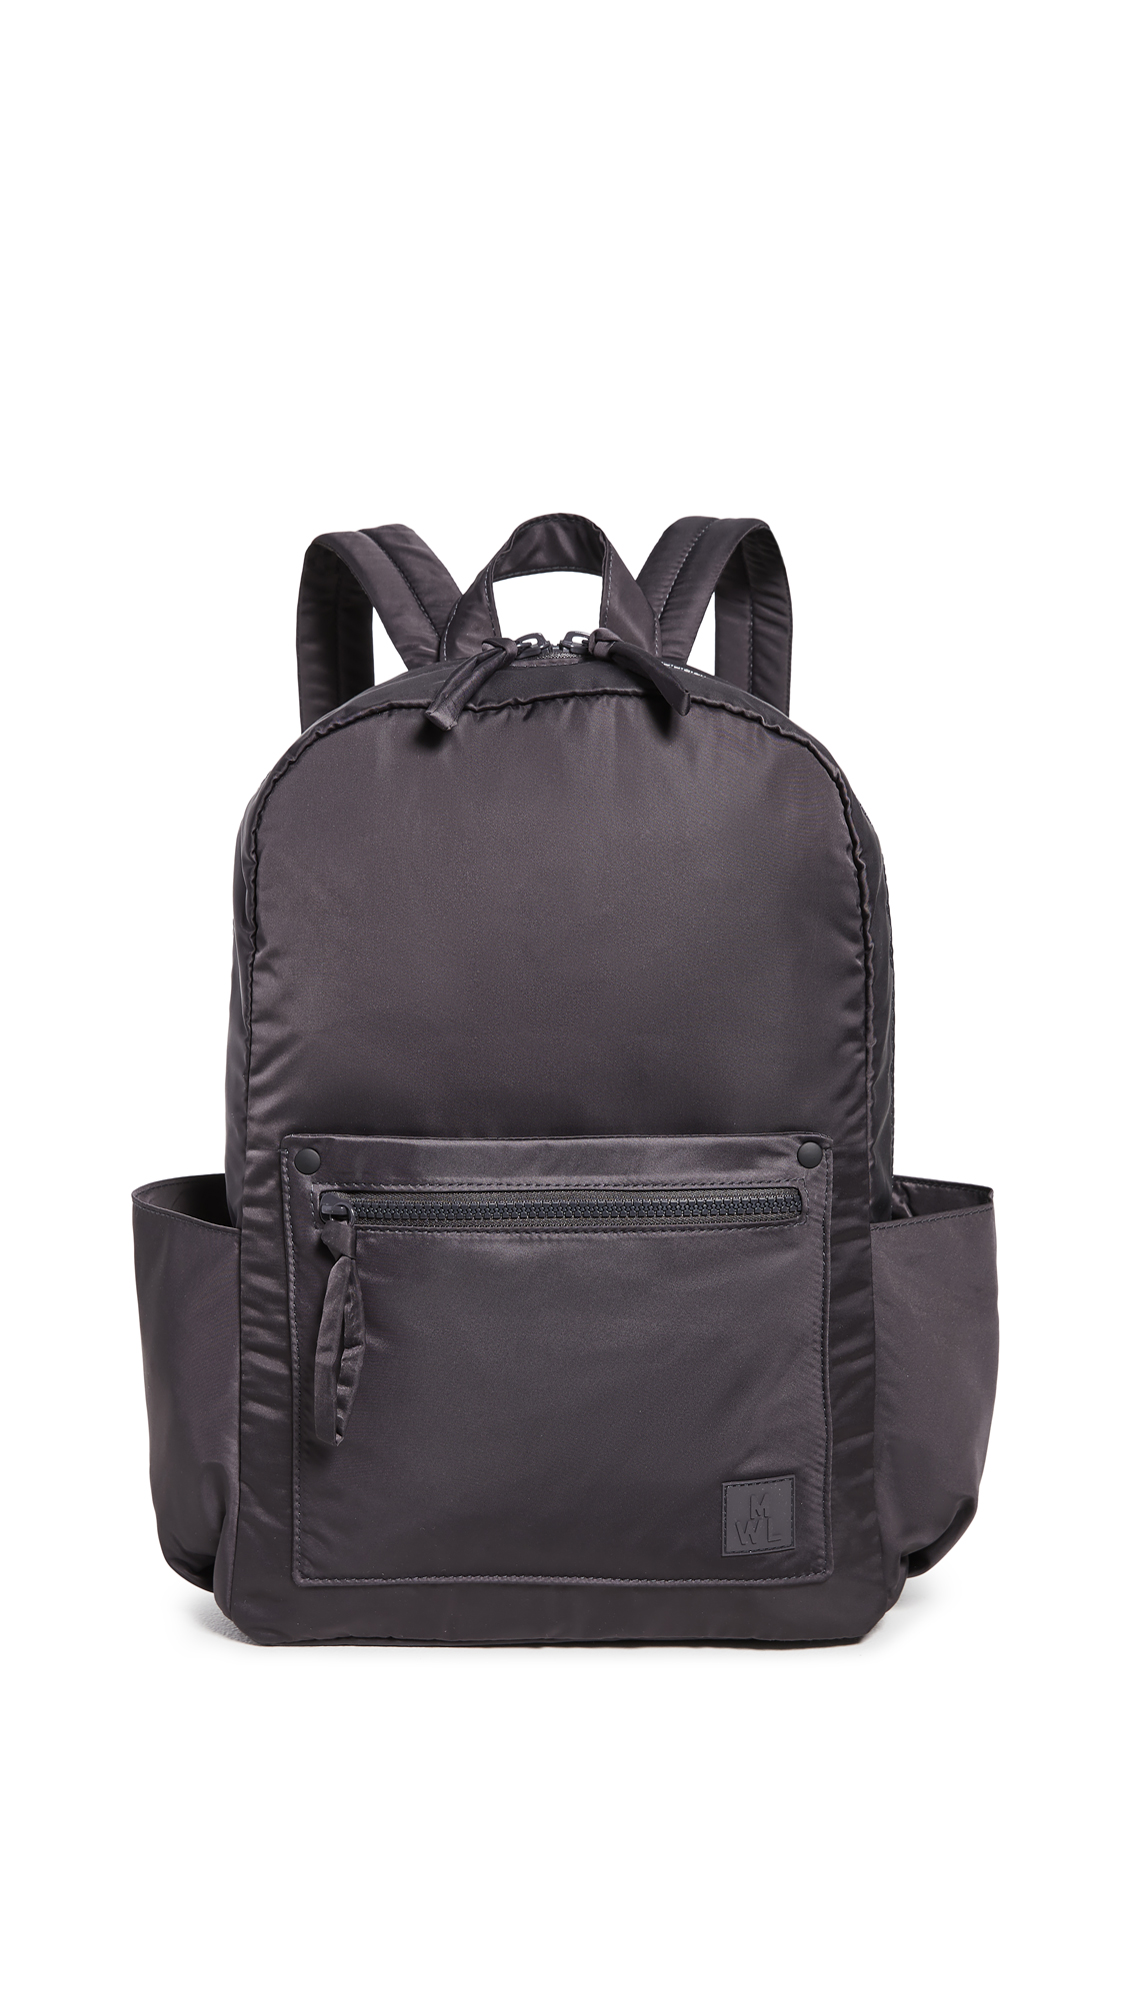 Madewell Backpacks TRAVEL NYLON BACKPACK